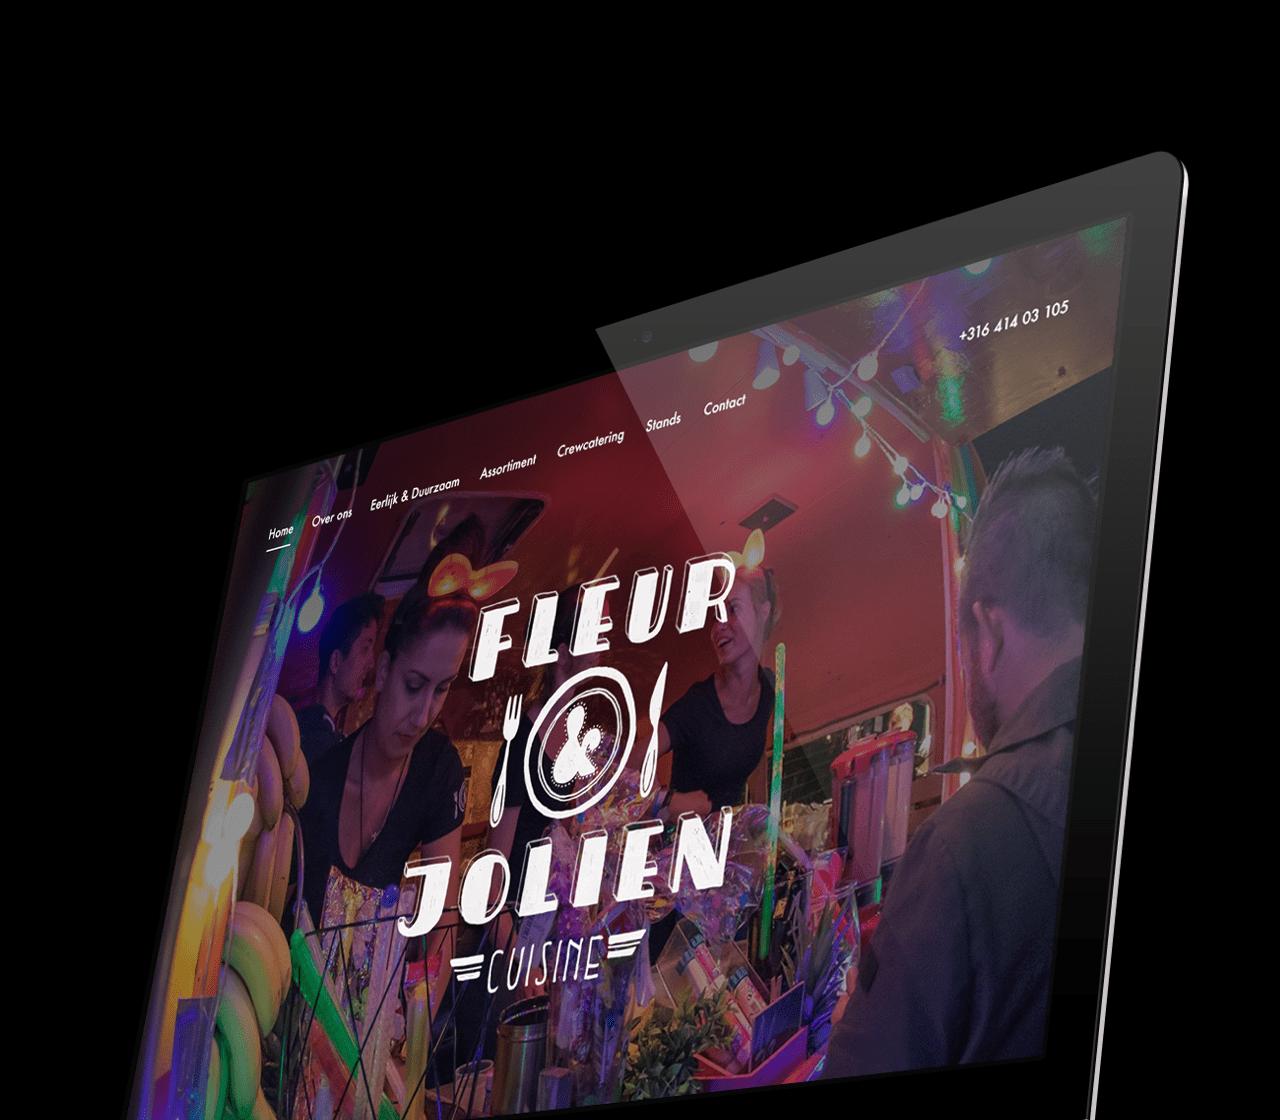 Fleur en Jolien Cuisine website design